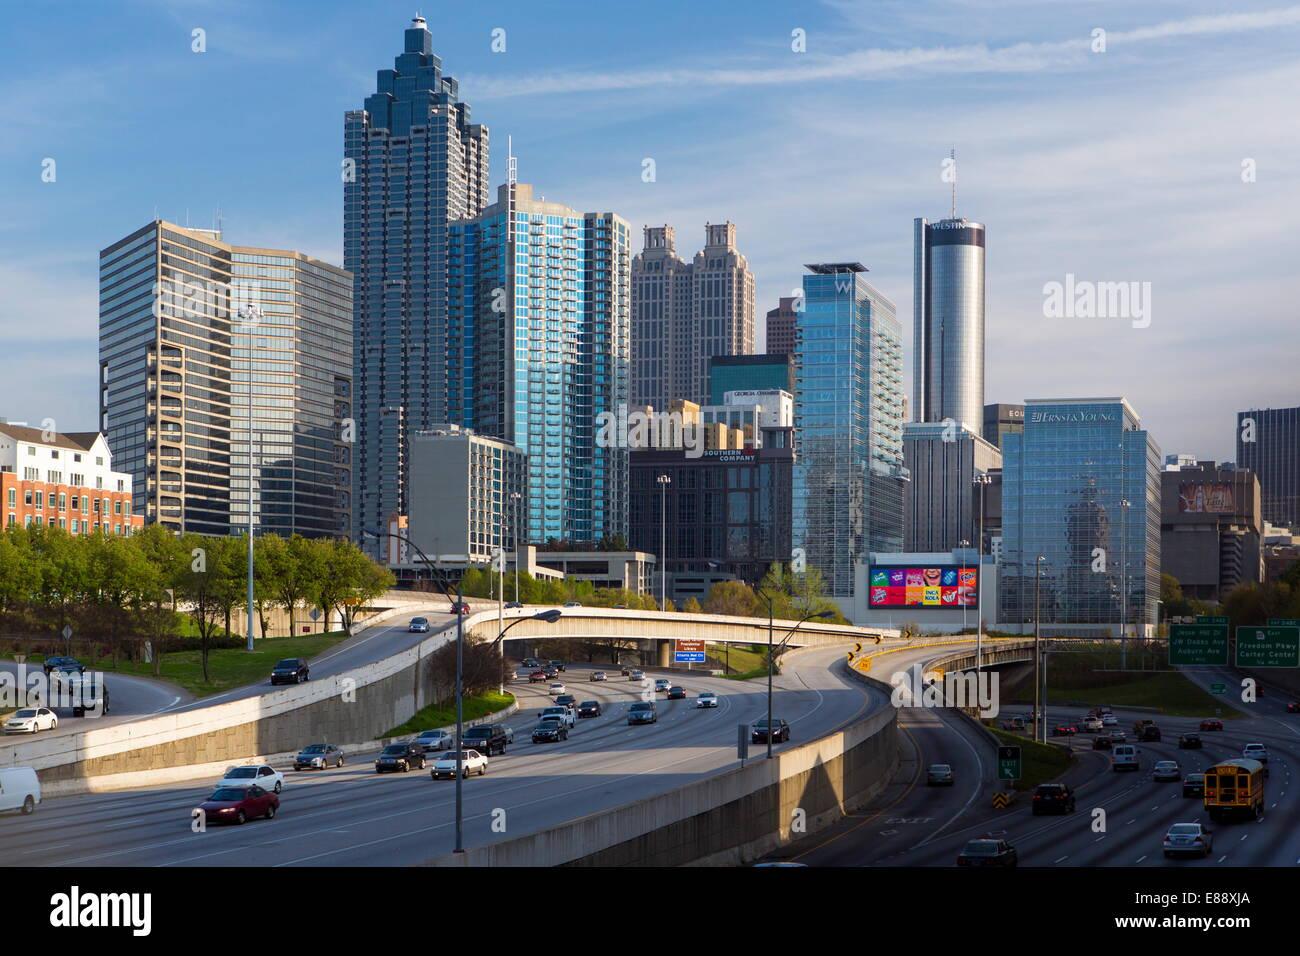 L'Interstate I-85 qui mène dans le centre-ville d'Atlanta, Géorgie, États-Unis d'Amérique, Photo Stock